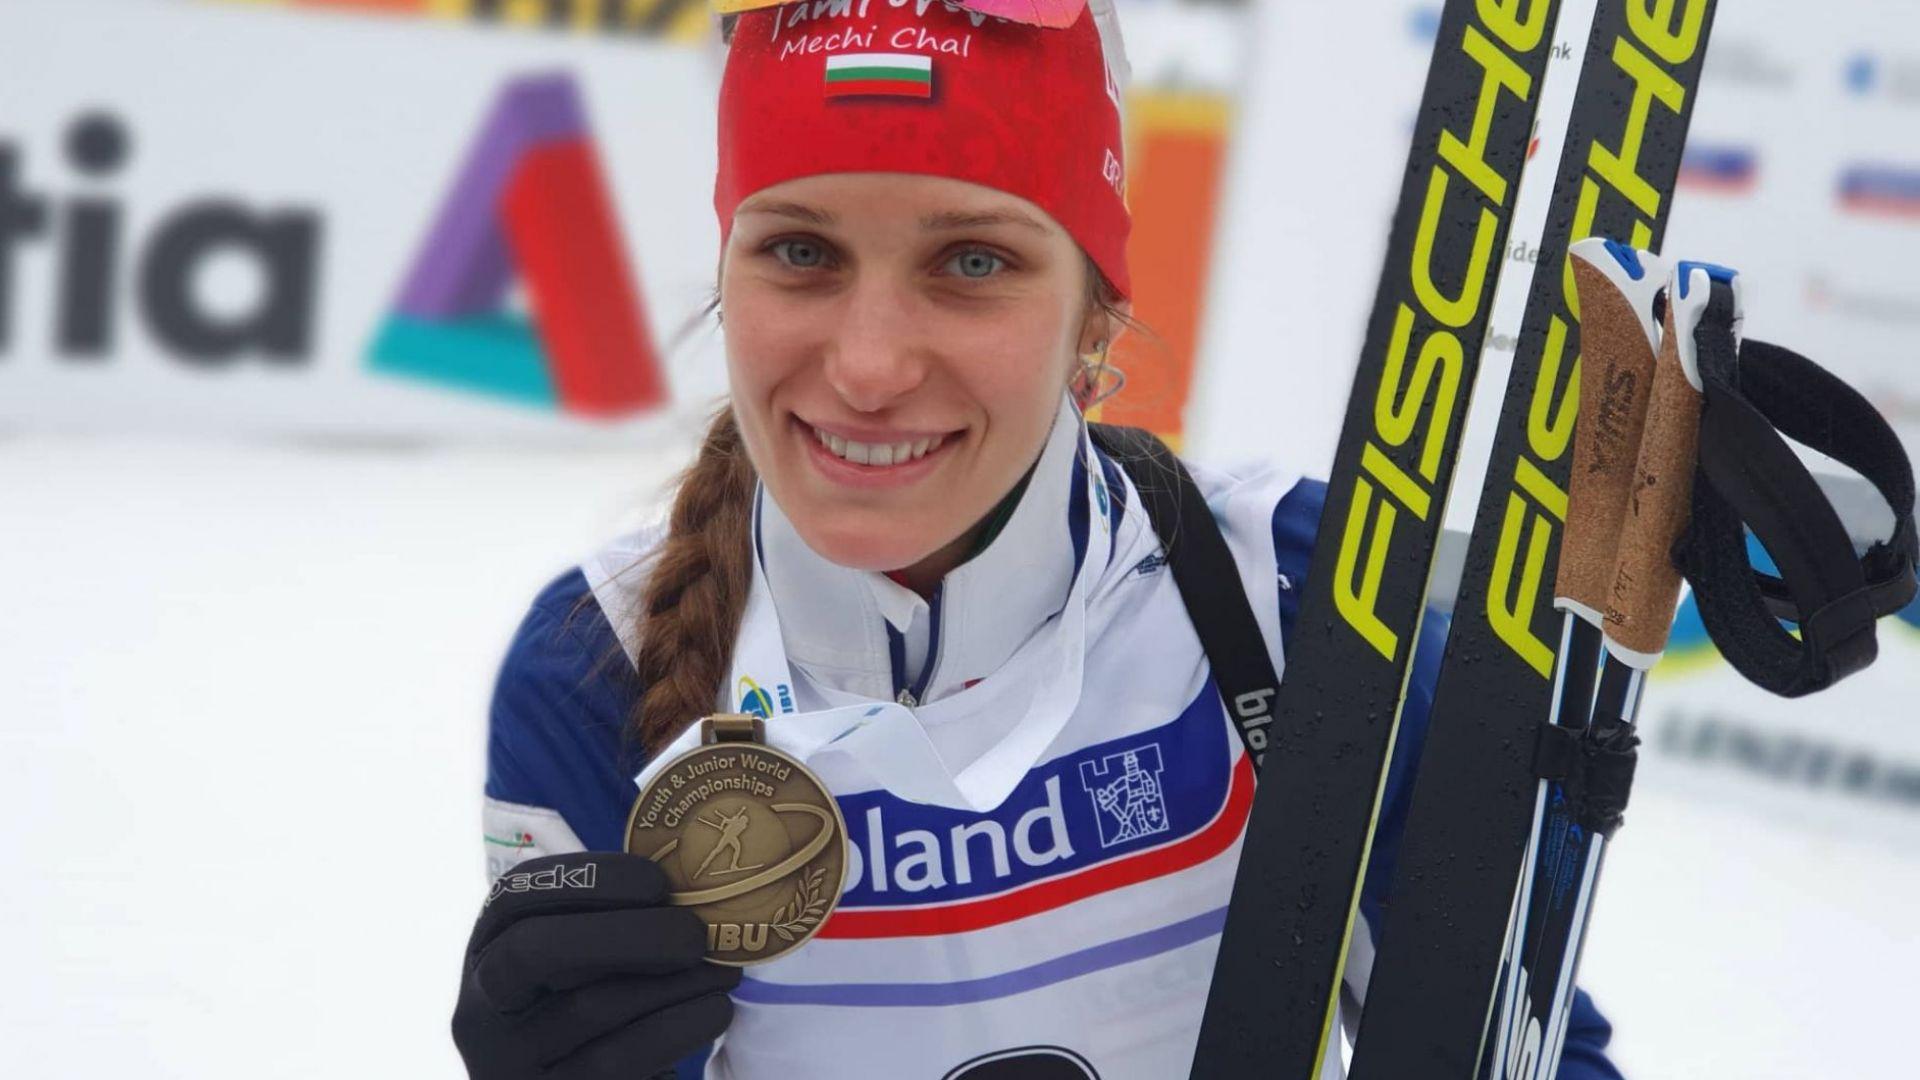 България на девето място по медали благодарение на Милена Тодорова